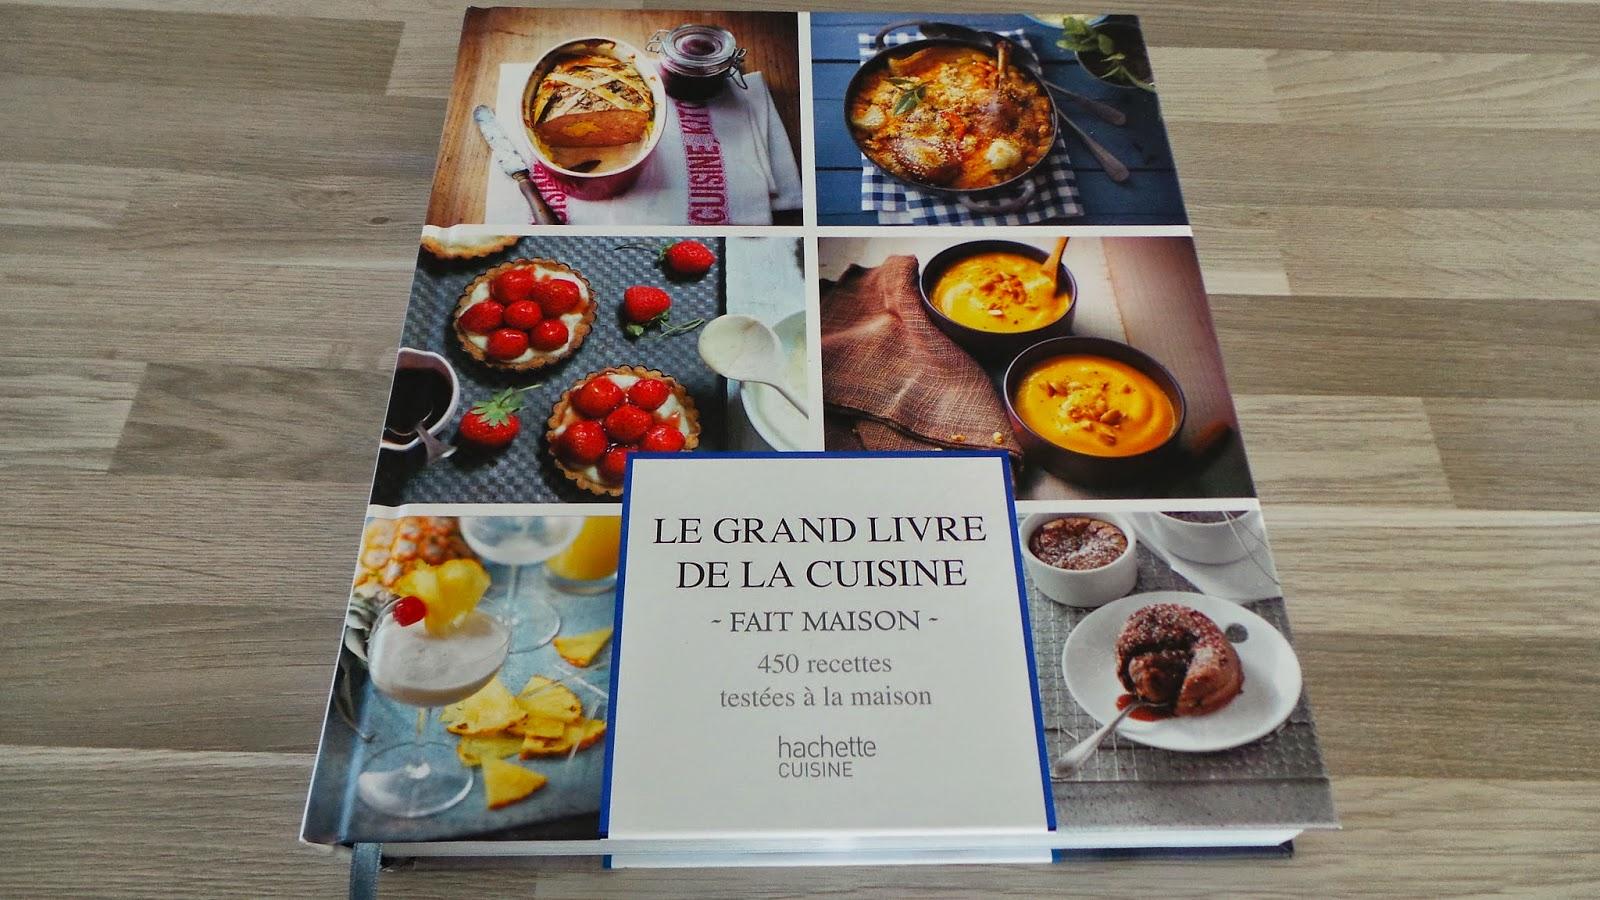 My little cr a cake courgette et 3 fromages - Le grand livre de la cuisine vegetarienne ...